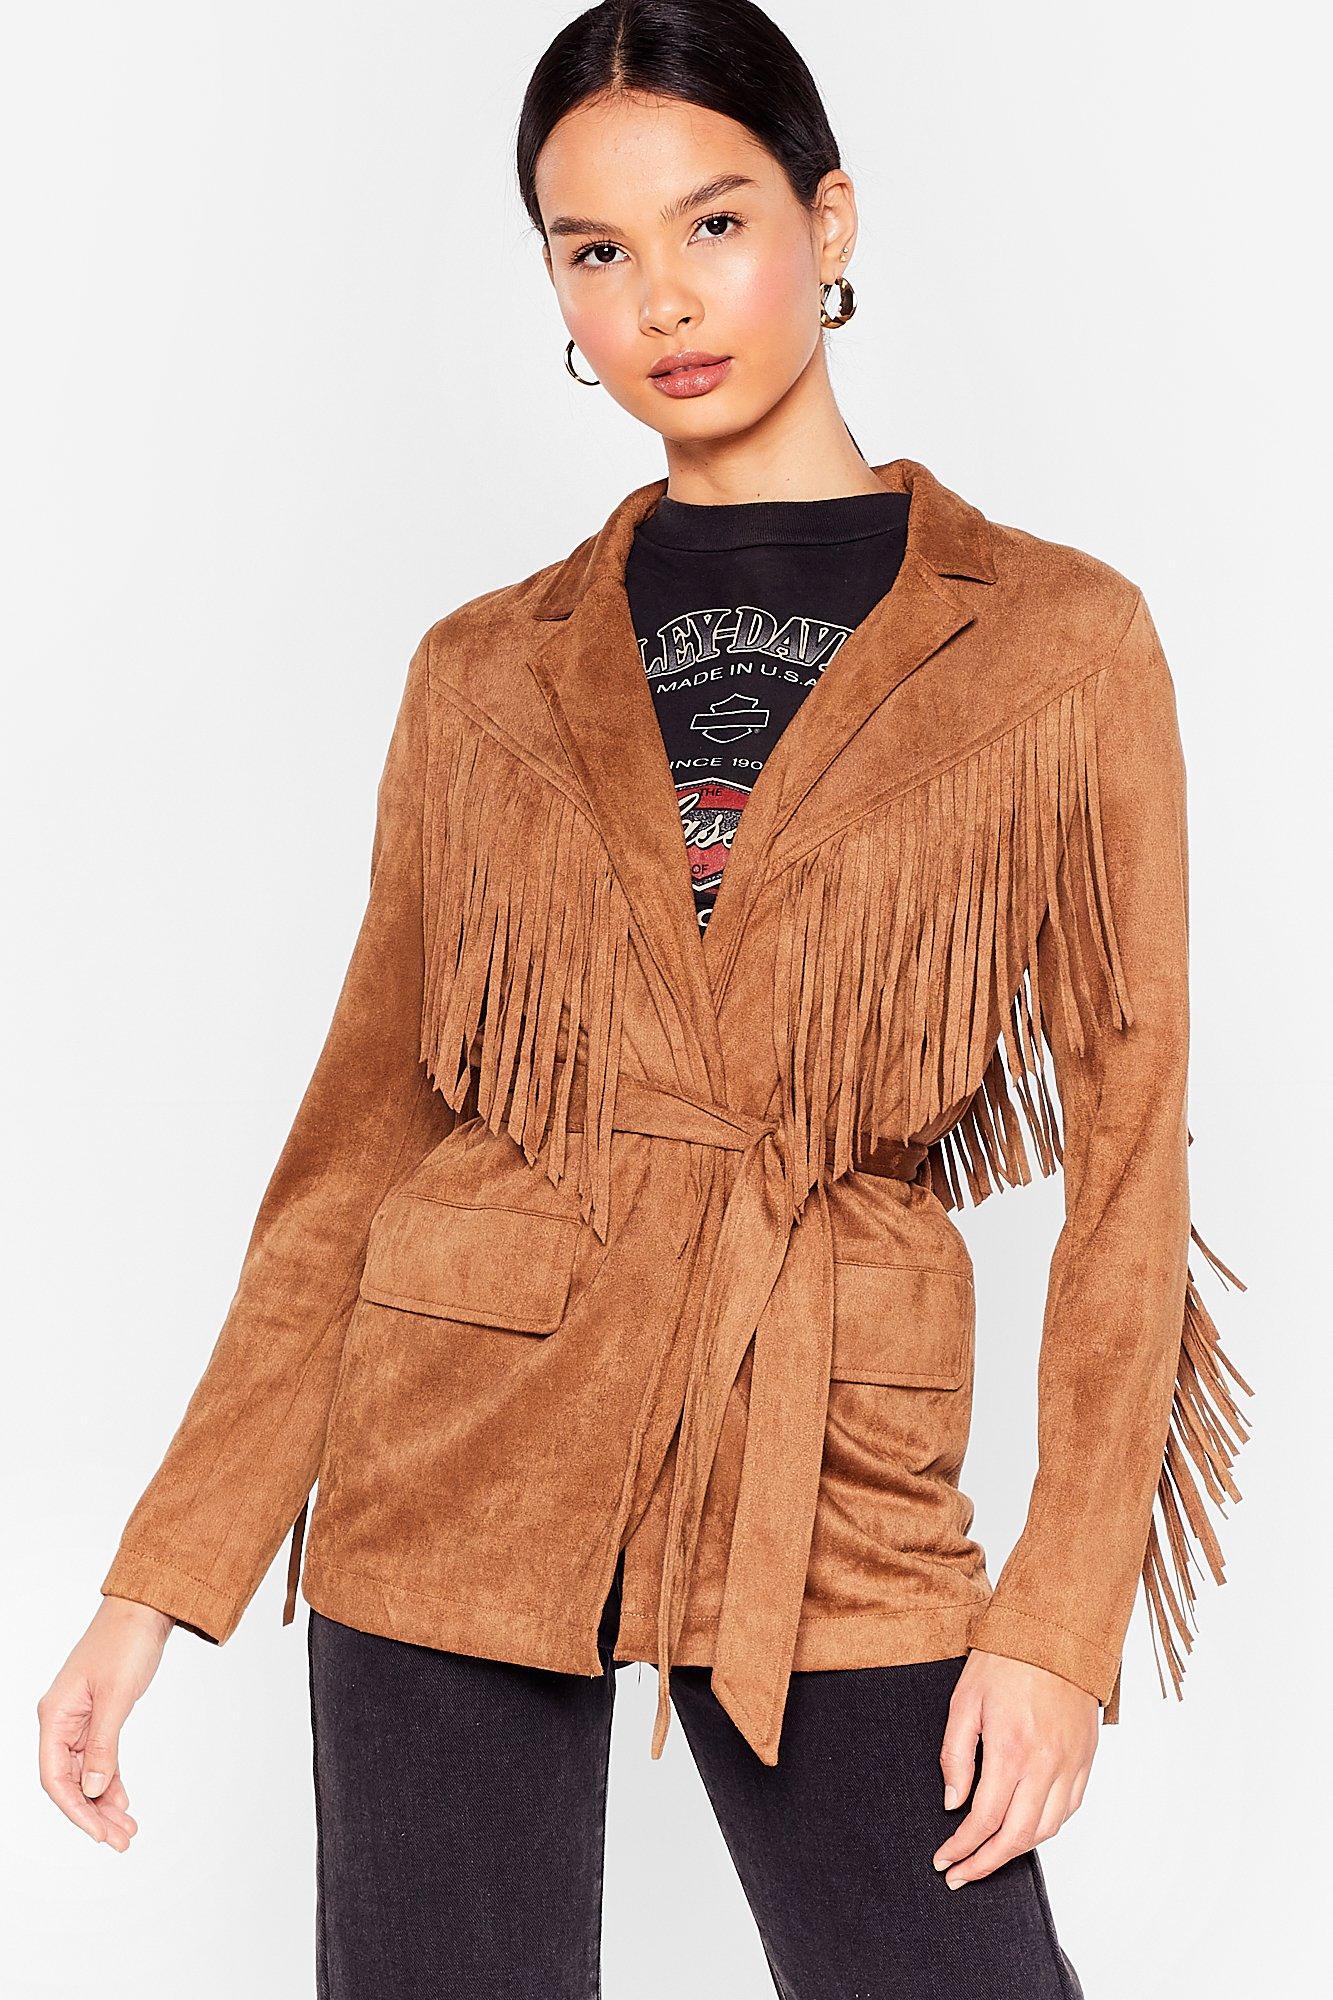 70s Jackets, Furs, Vests, Ponchos Womens Faux Suede Fringe Belted Jacket - Camel - S $20.00 AT vintagedancer.com